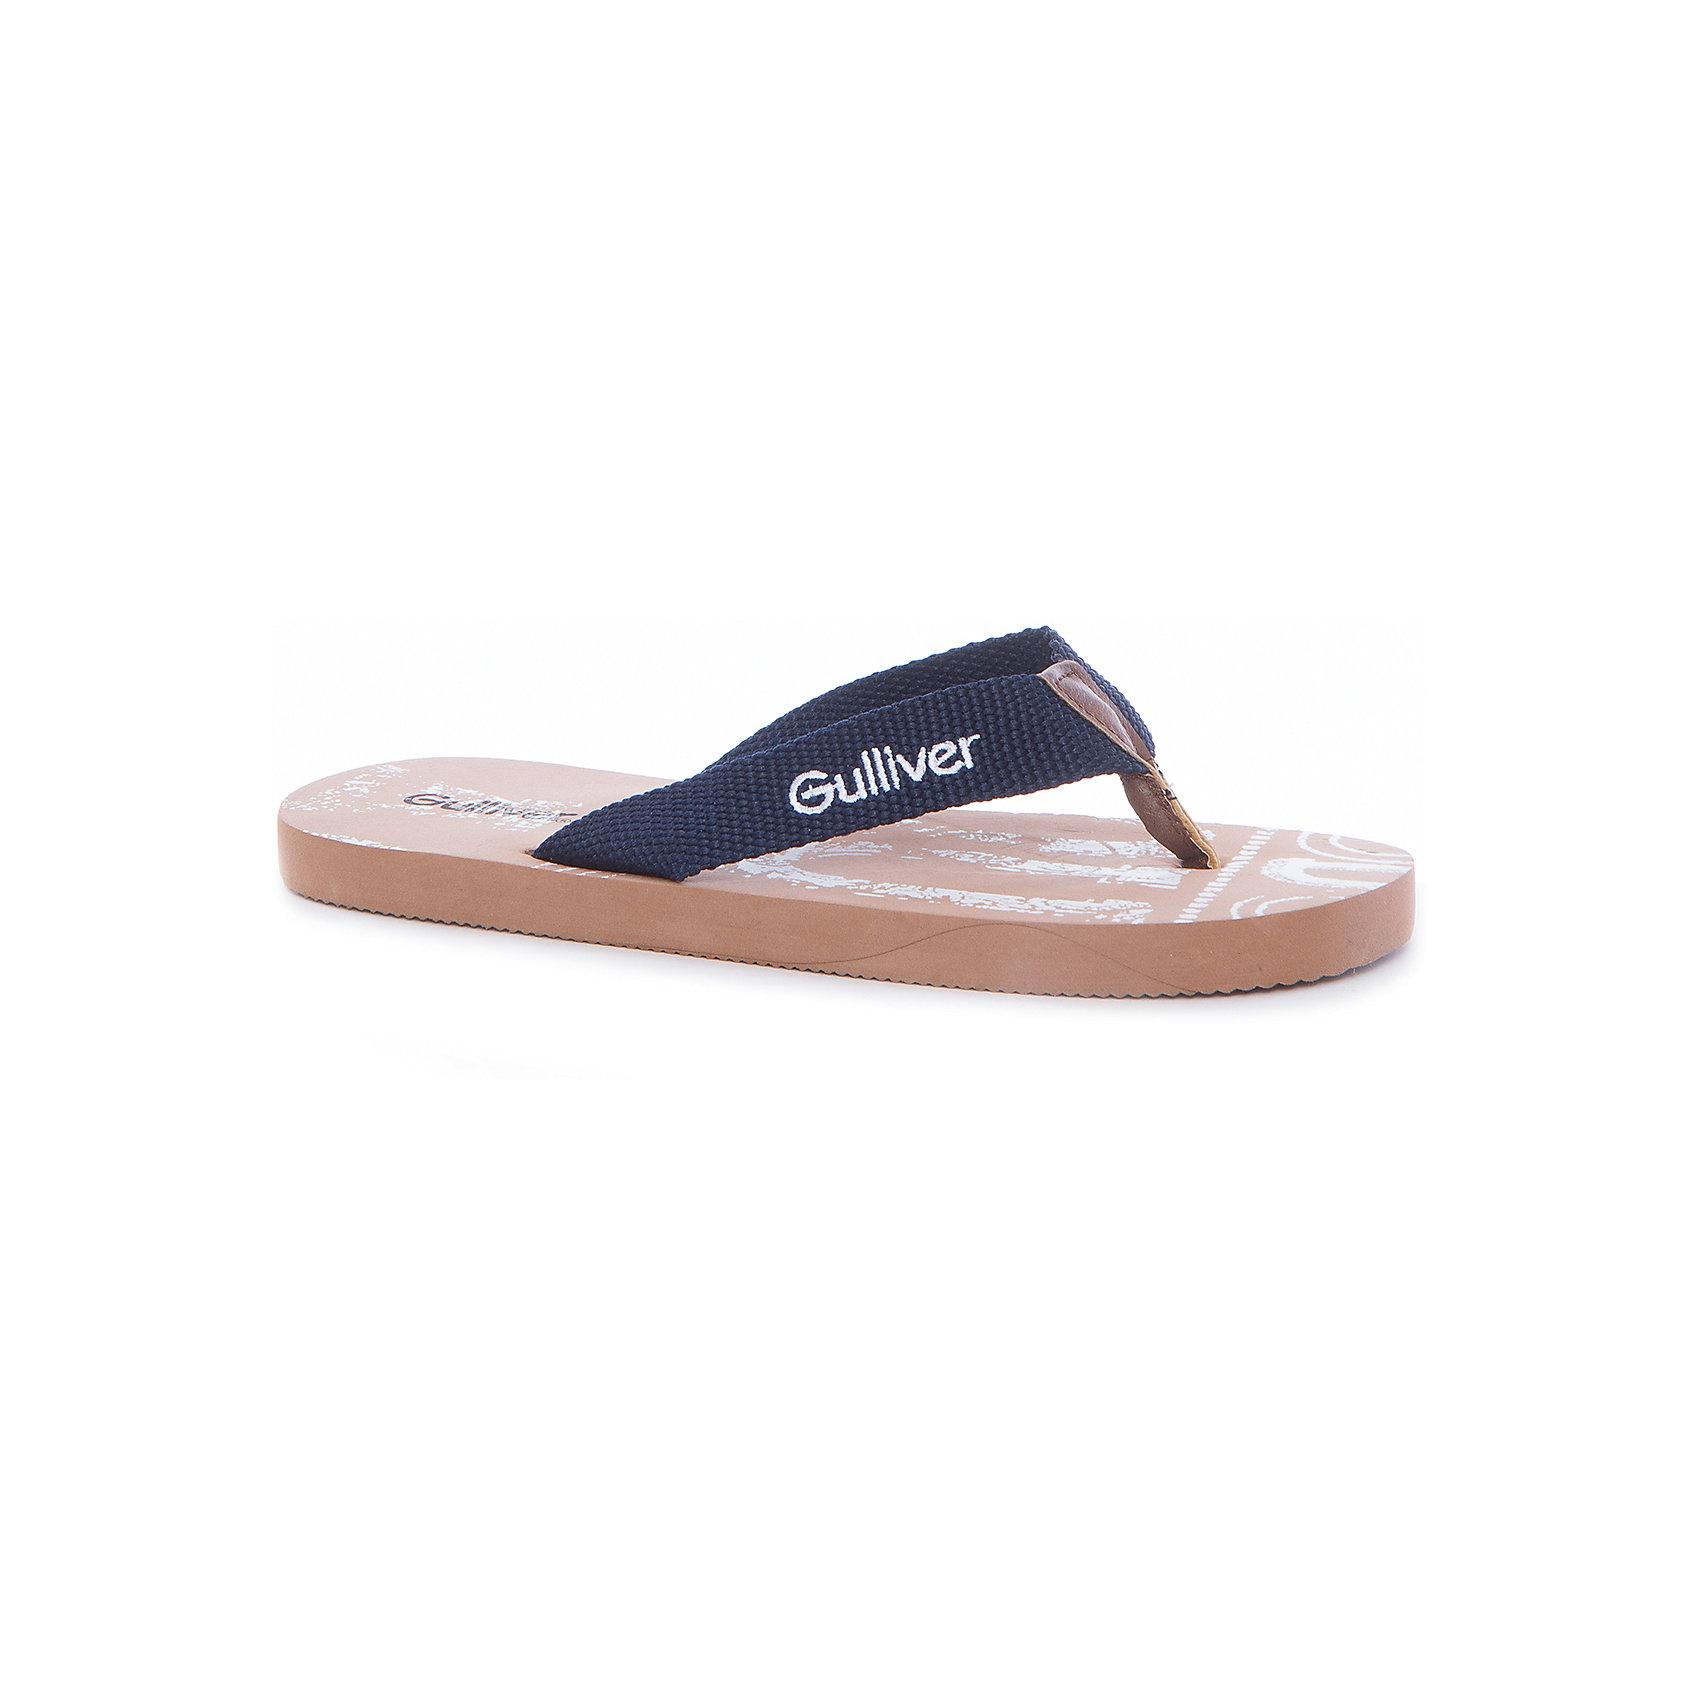 Шлепанцы для мальчика GulliverПляжная обувь<br>Пляжная обувь - вещь, совершенно необходимая для отдыха у воды. Мягкие резиновые шлепанцы и-вьетнамки для мальчика надежно защитят ногу от мелкой гальки и горячего песка, а также станут ярким запоминающимся элементом пляжного ансамбля. Если вы решили купить подростку пляжную обувь, обратите внимания на эти вьетнамки. Ребенок наверняка оценит стильный принт и отделку из коллекции Гавана-клуб.<br>Состав:<br>верх: текстиль;            подошва:EVA<br><br>Ширина мм: 248<br>Глубина мм: 135<br>Высота мм: 147<br>Вес г: 256<br>Цвет: синий<br>Возраст от месяцев: 180<br>Возраст до месяцев: 180<br>Пол: Мужской<br>Возраст: Детский<br>Размер: 39,40,36,37,38<br>SKU: 5483251